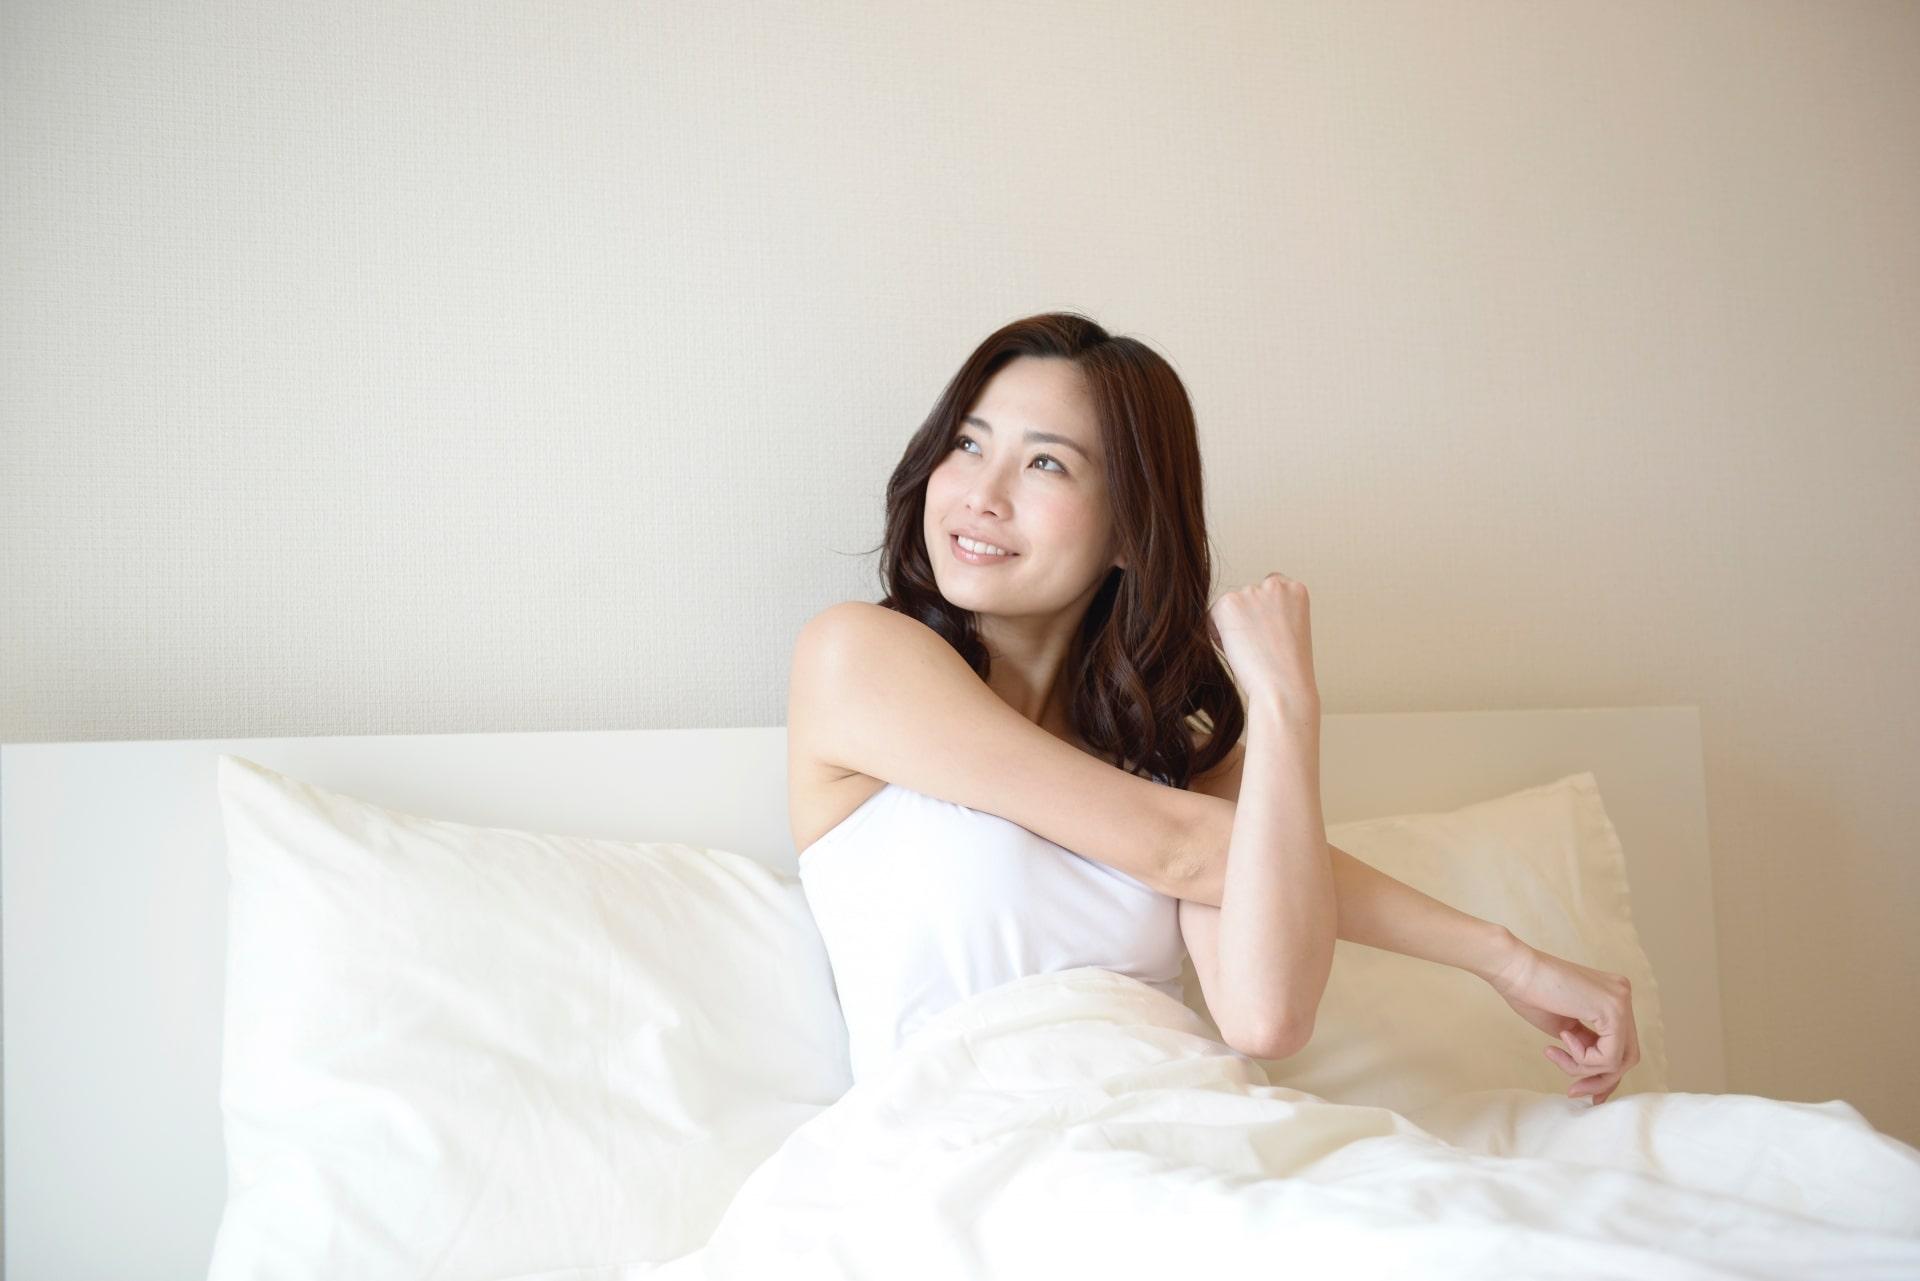 【産後の体力回復】産後1か月~3か月の体力回復のポイント